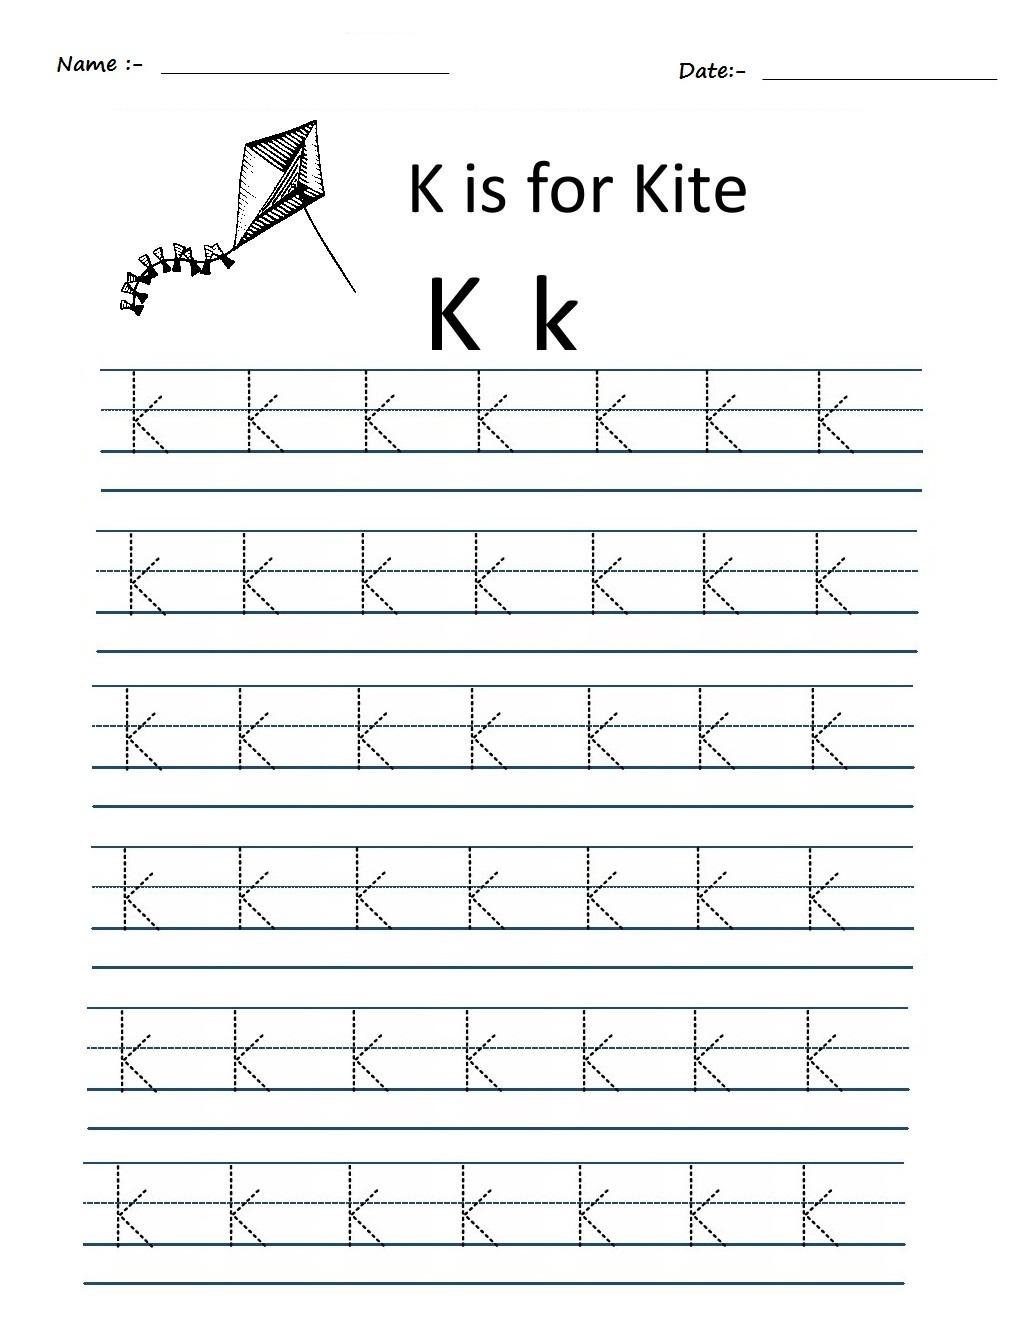 Kindergarten Worksheets: Alphabet Tracing Worksheets - K